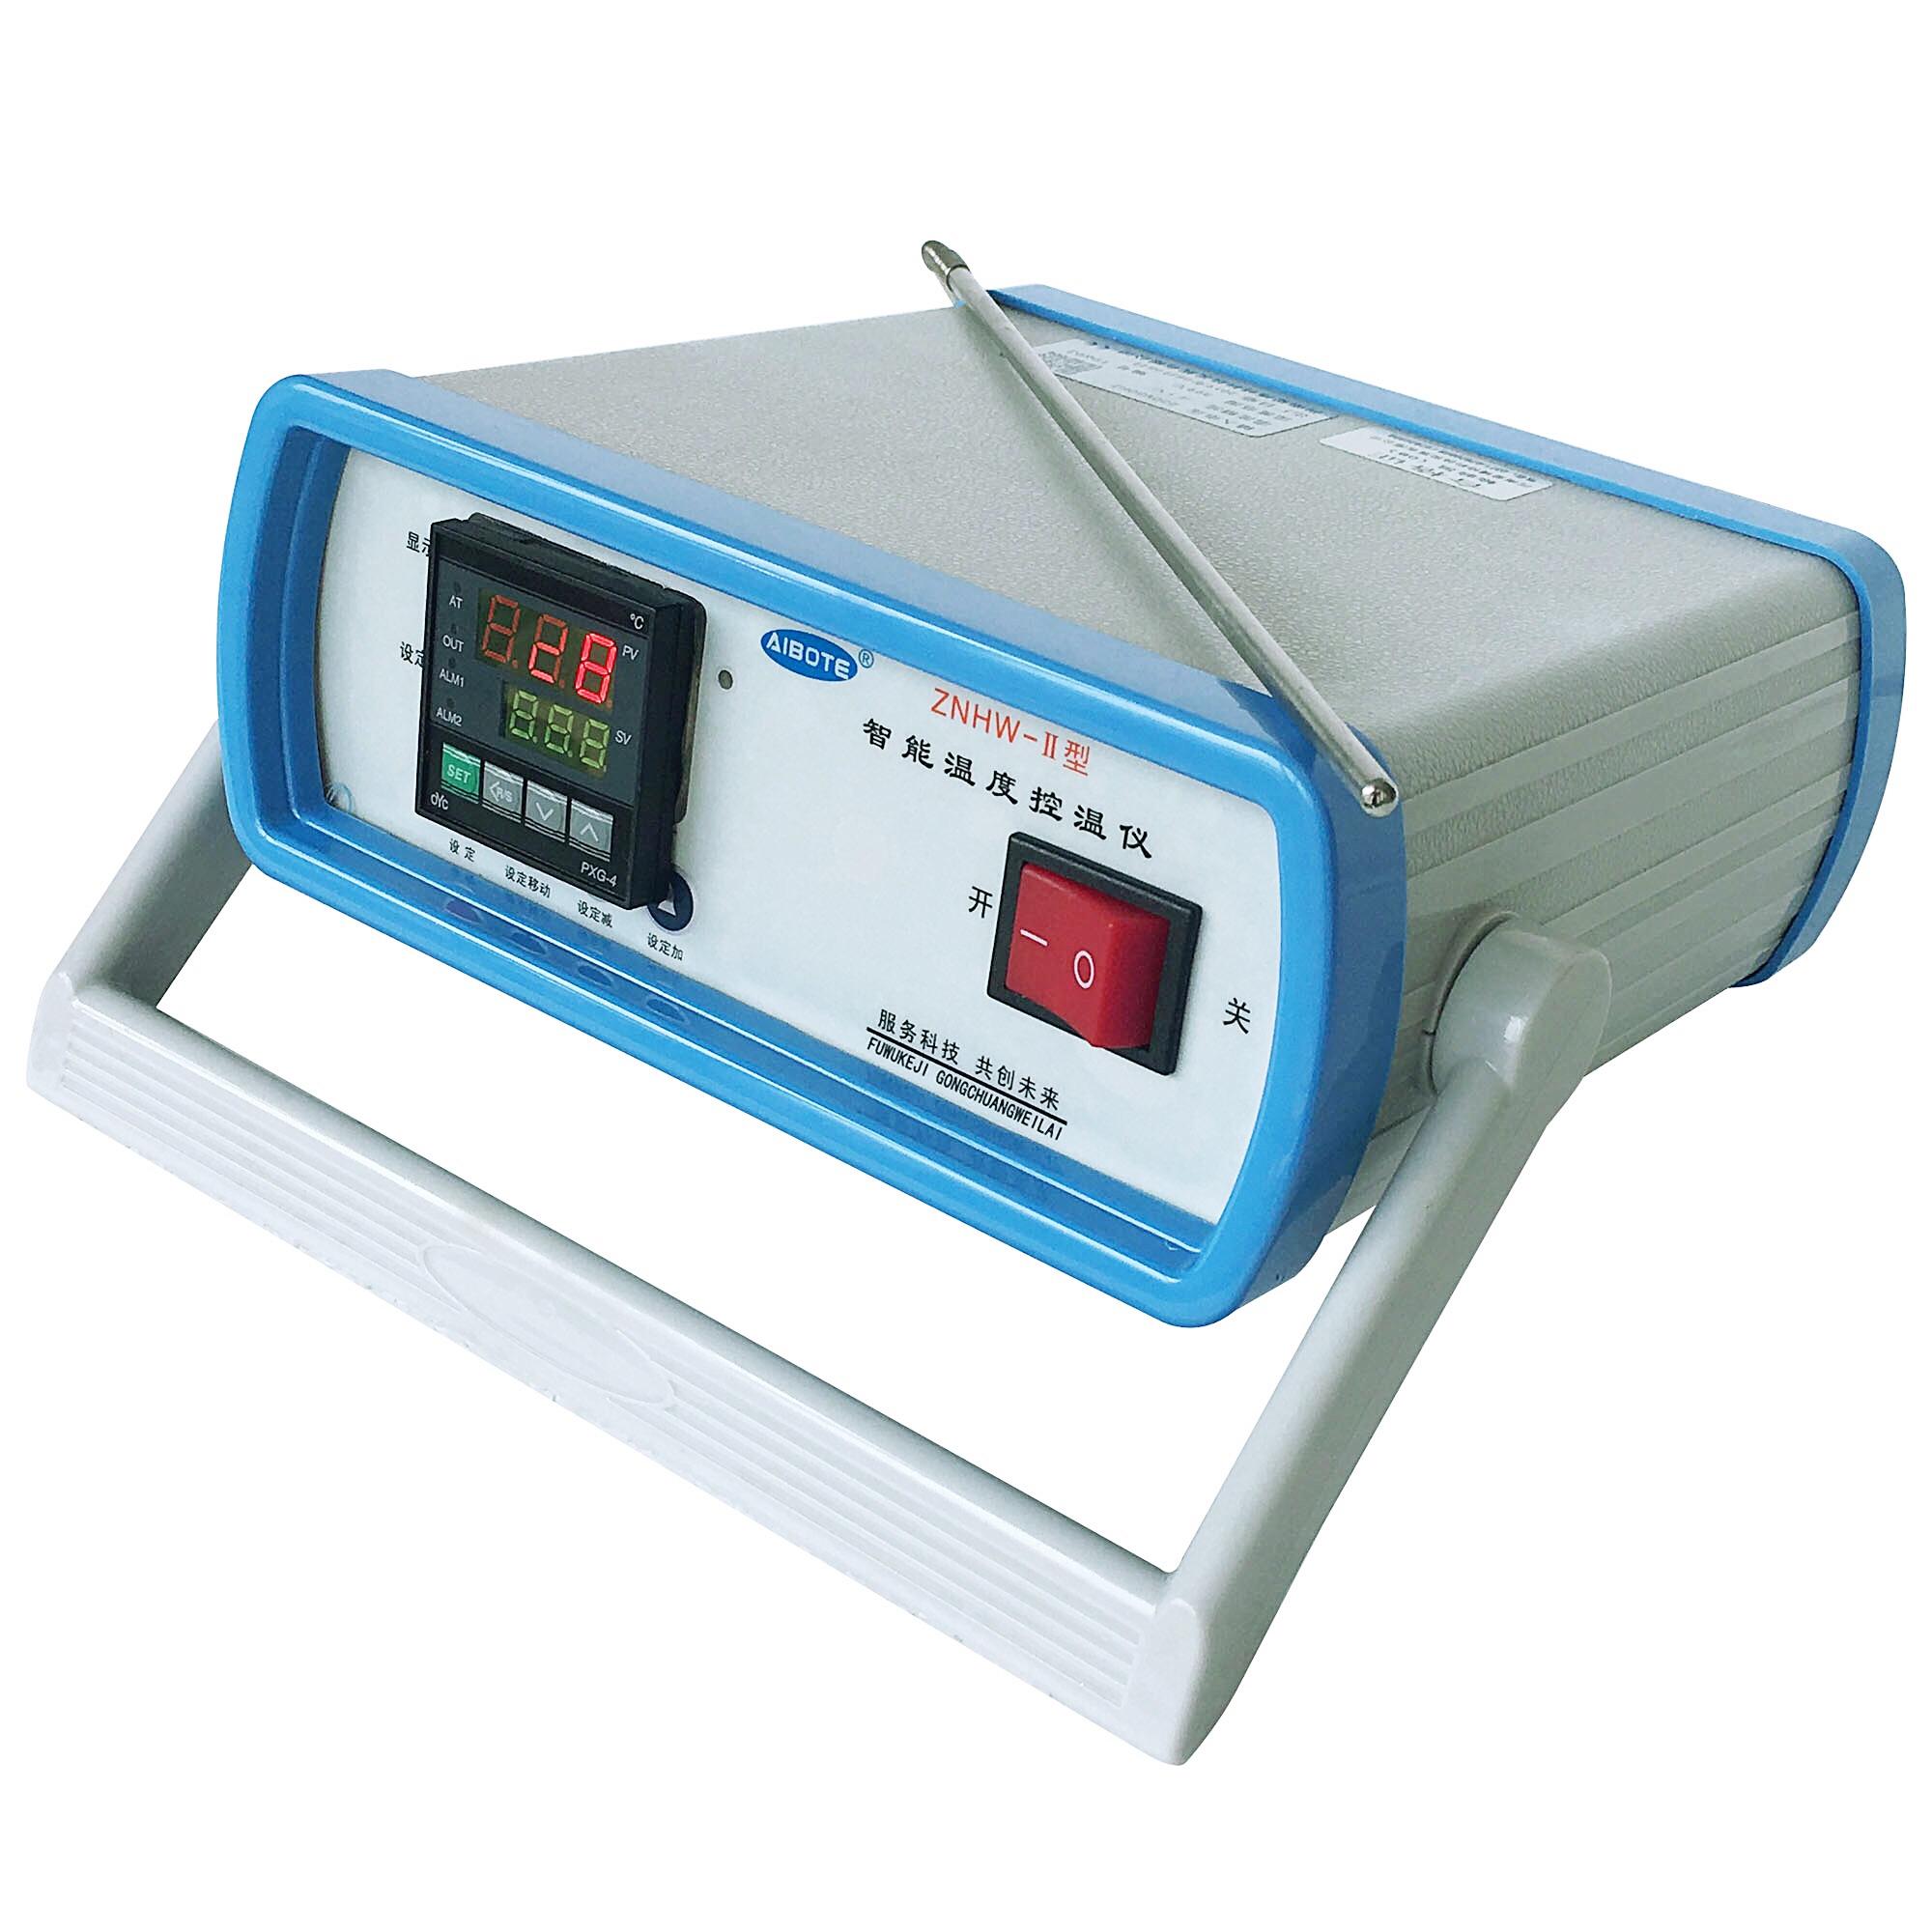 温度显示器